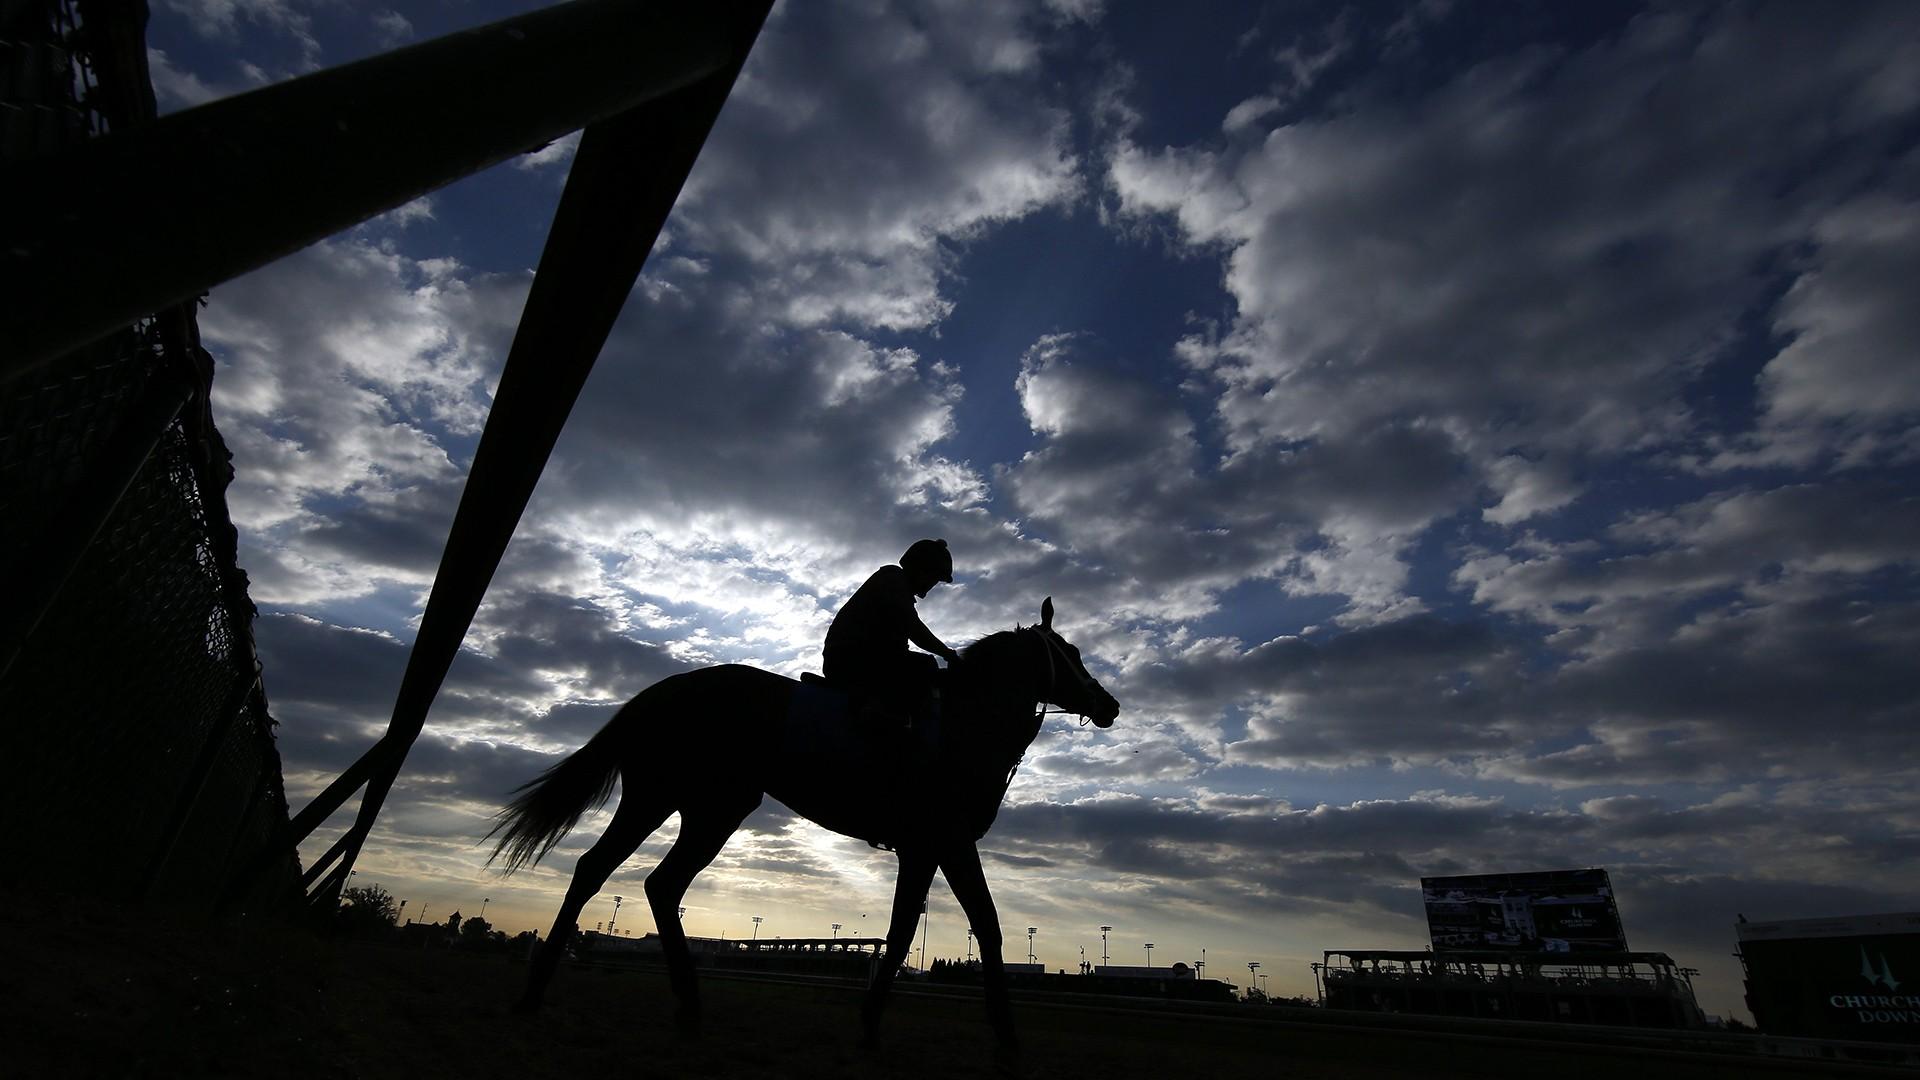 Image: Horse